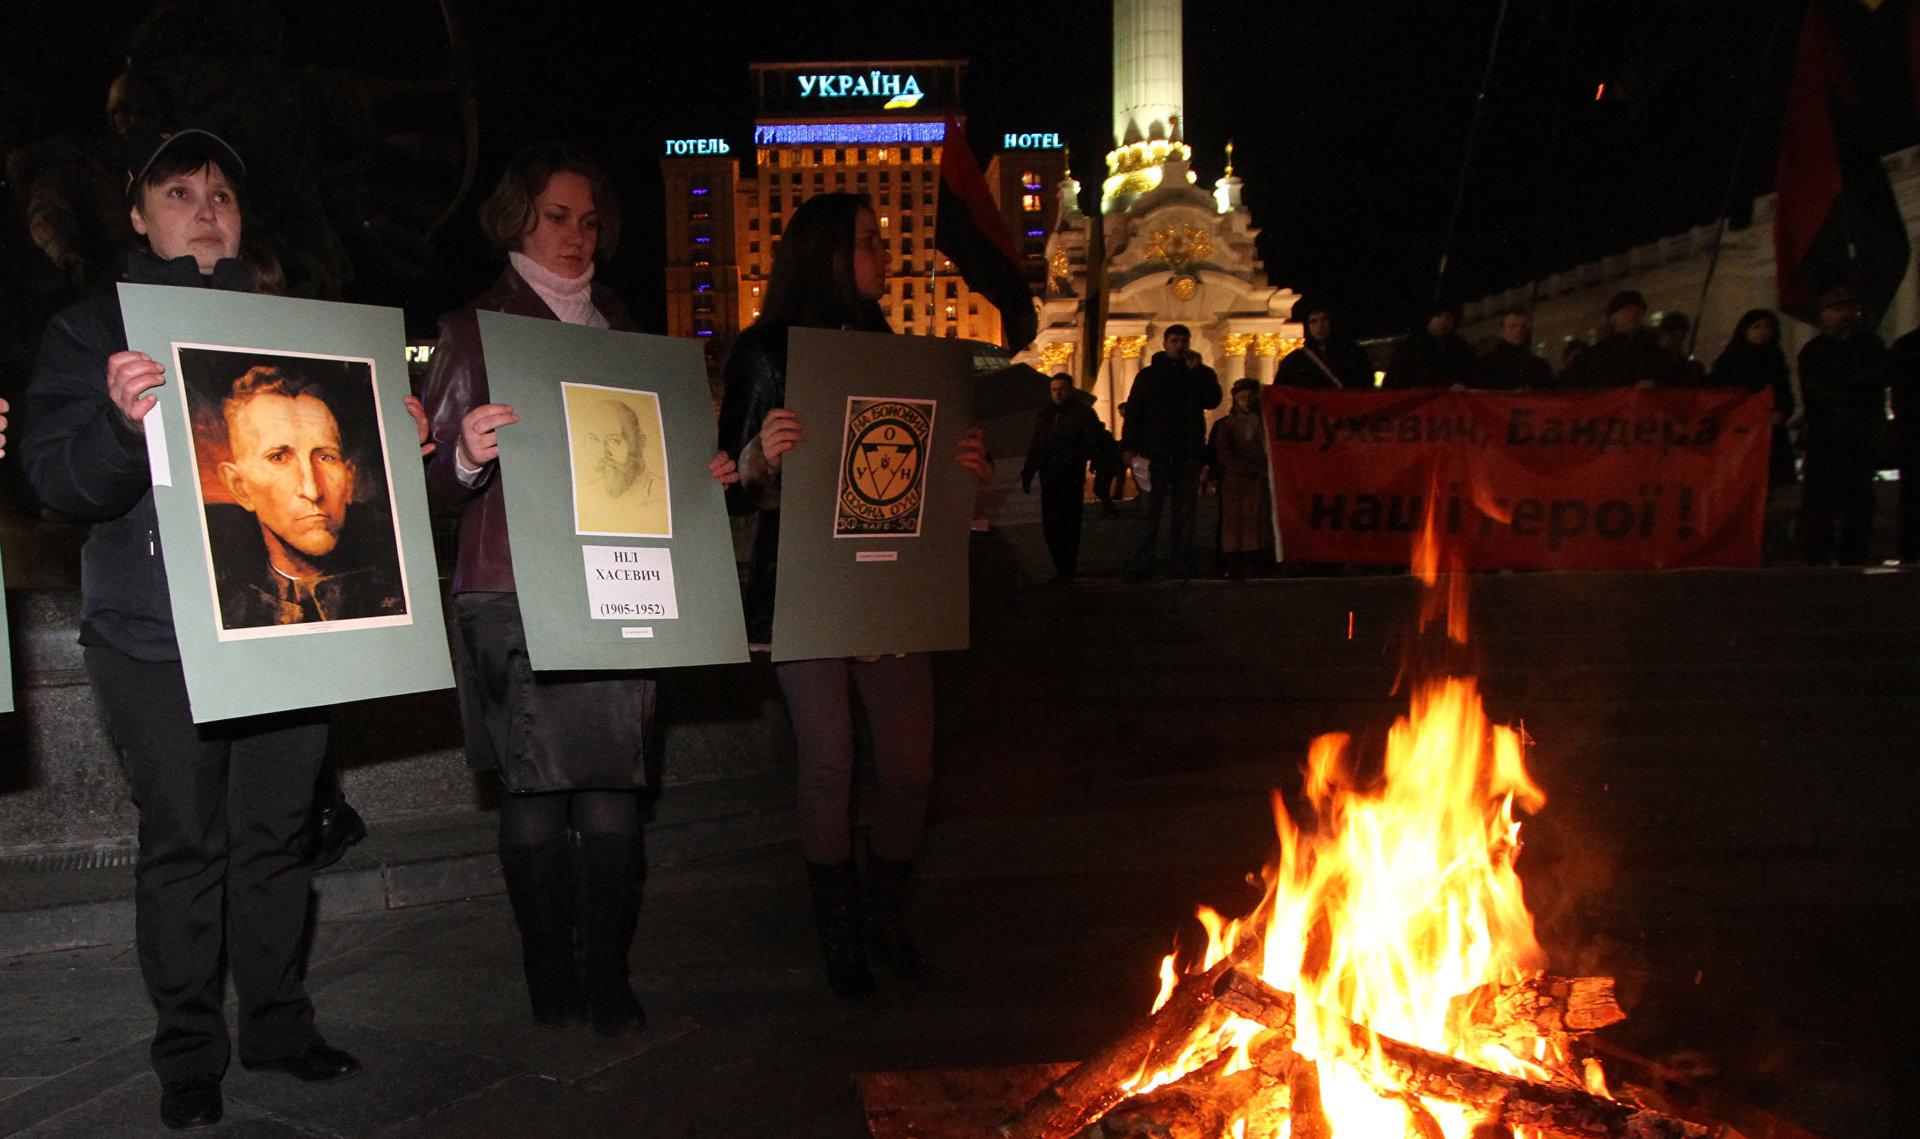 http://ukraina.ru/images/101361/80/1013618005.jpg